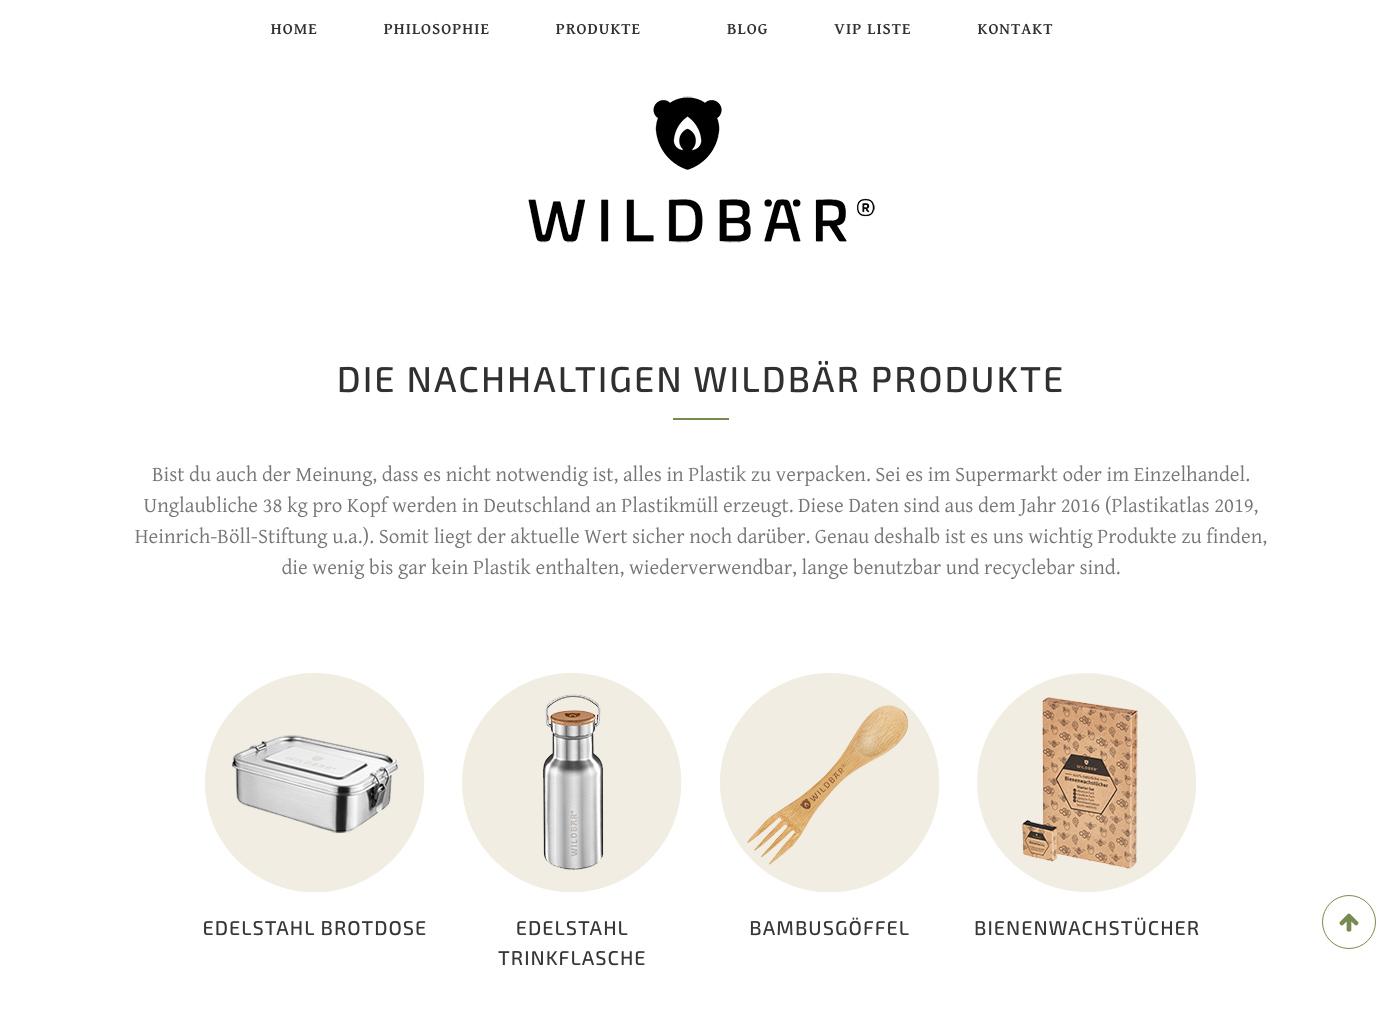 Wildbär - Die nachhaltigen Produkte